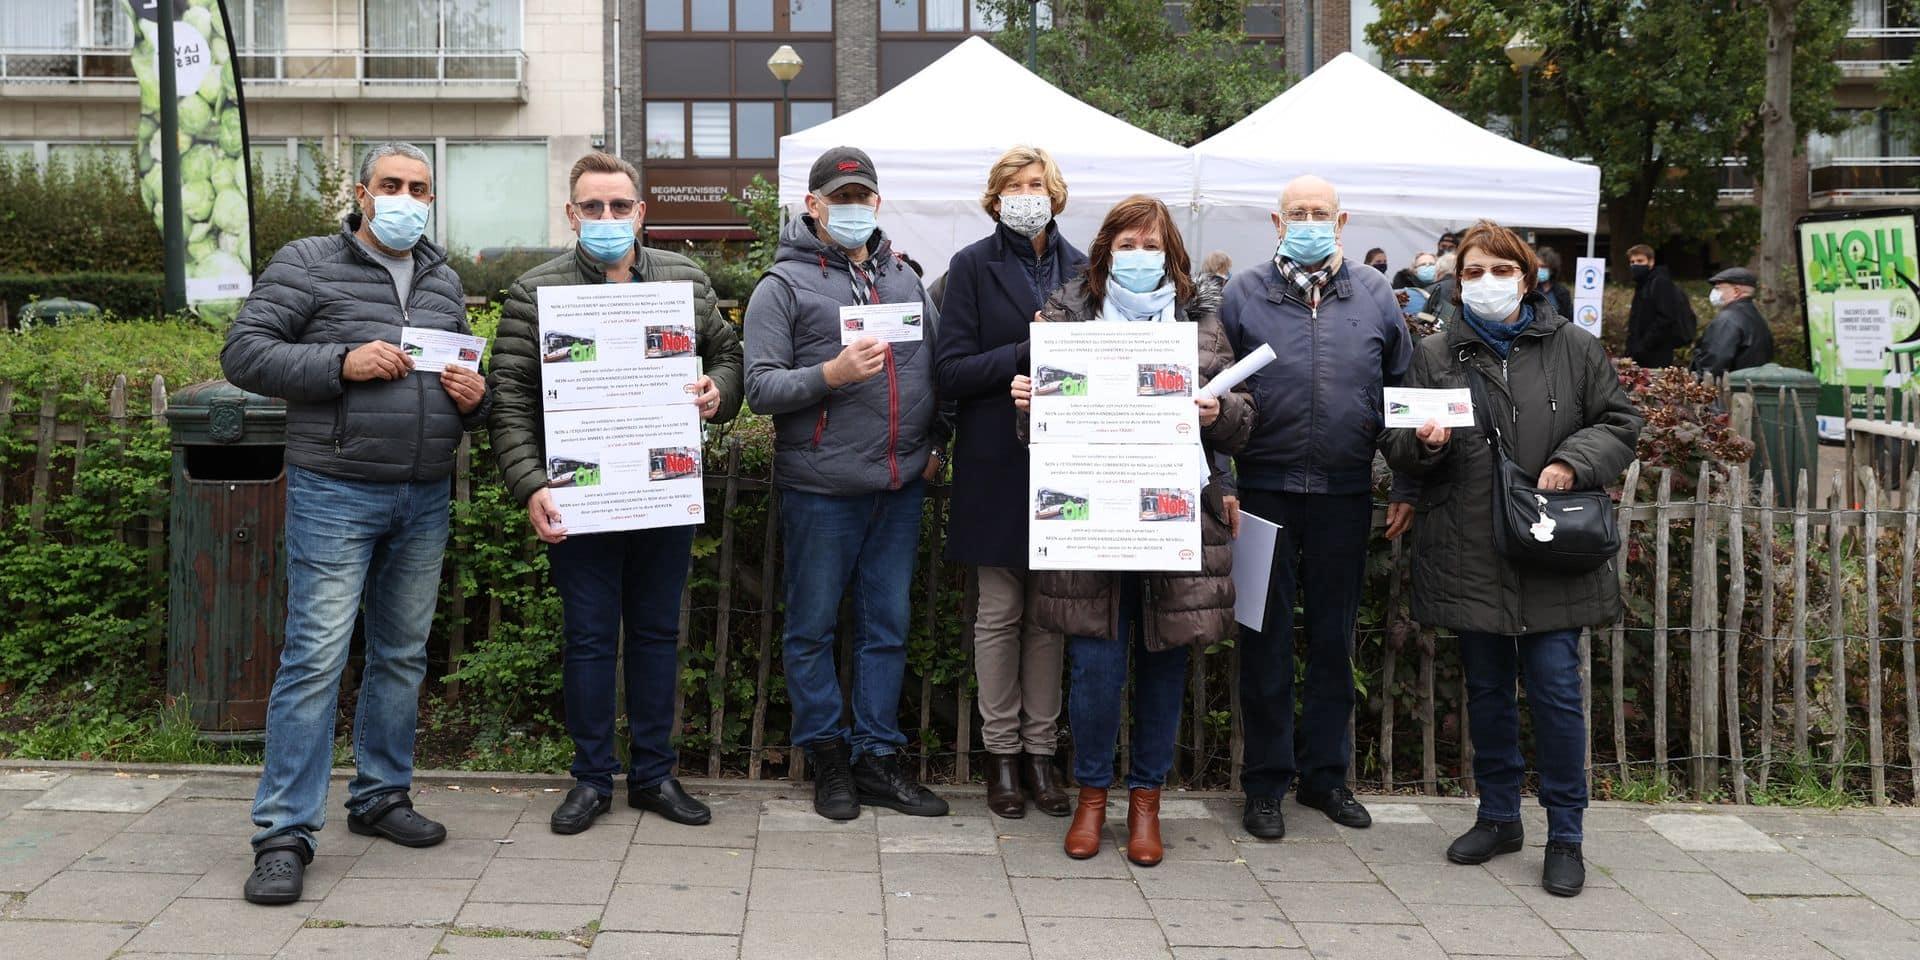 Neder-Over-Heembeek : les opposants au tram dénoncent une tentative d'intimidation de la part de la police et de Philippe Close